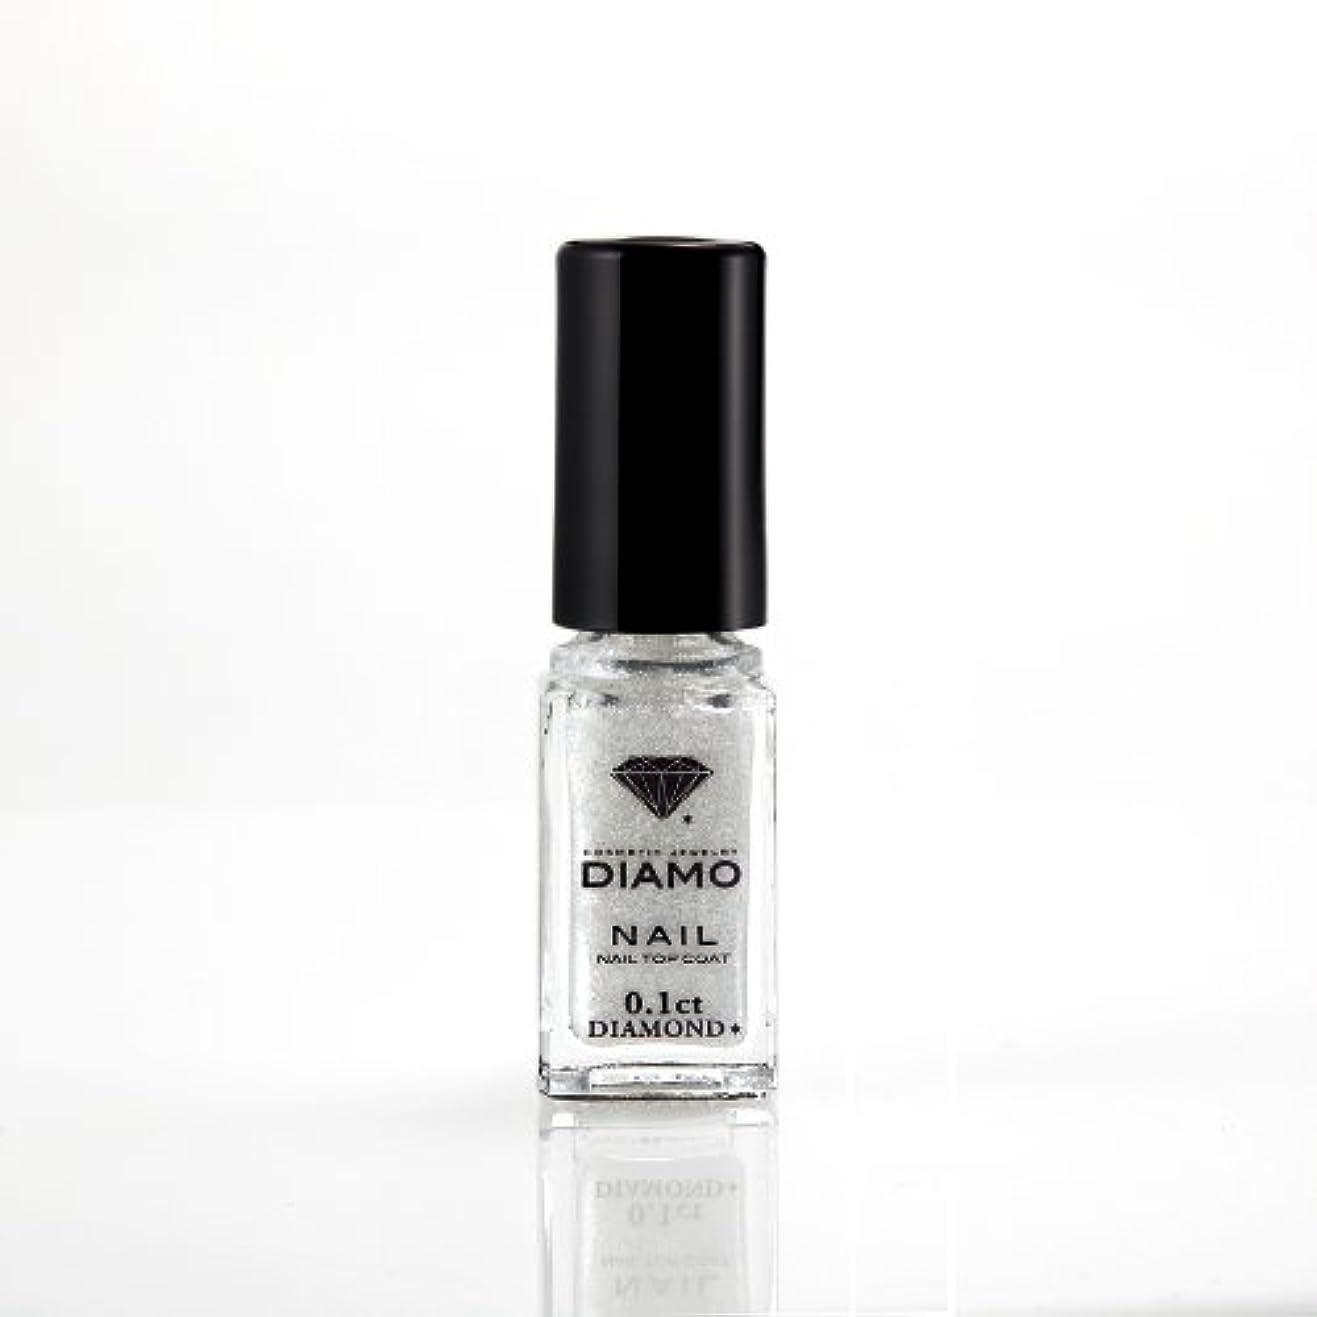 同意主張刈るDIAMO NAIL TOP COAT ディアモ ネイル トップコート0.1ct 天然ダイヤモンド粉末入り5ml